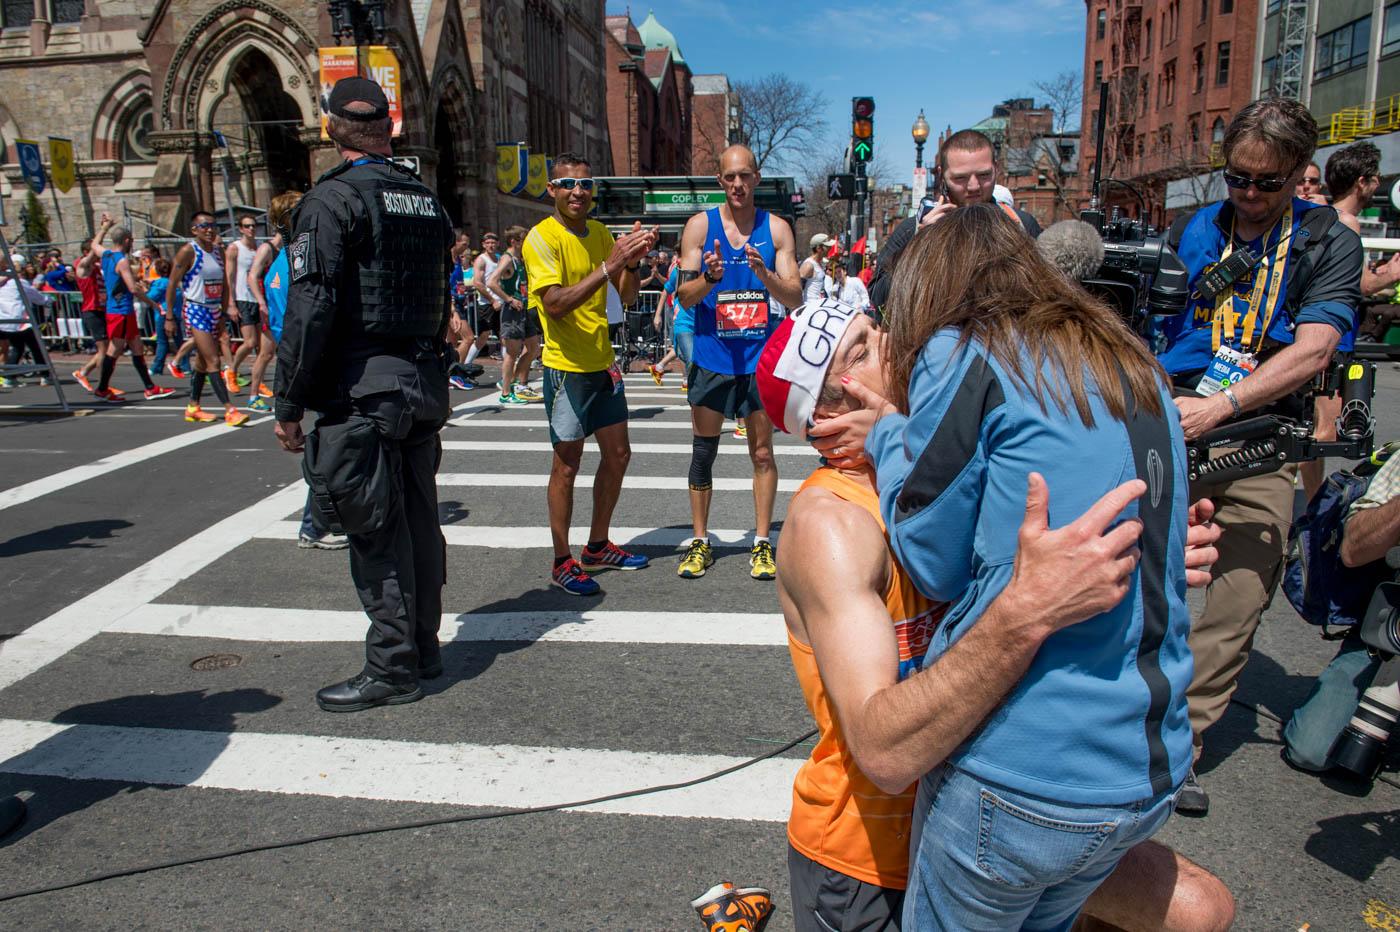 Gregory Picklesimer le pide matrimonio y besa s u novio al finalizar la Maratón de Boston